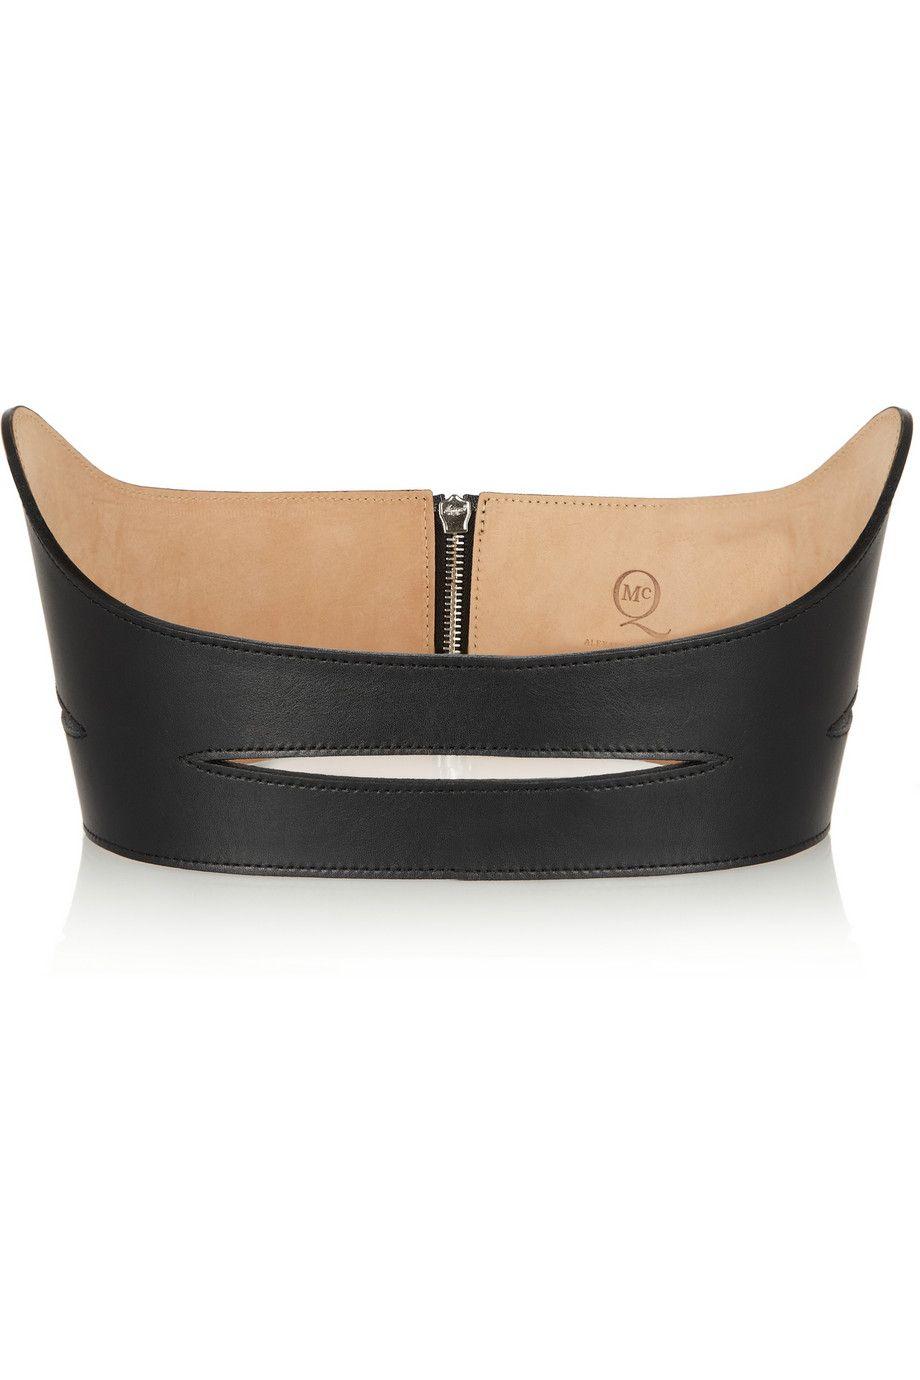 McQ Alexander McQueen   Cutout leather belt    NET-A-PORTER.COM